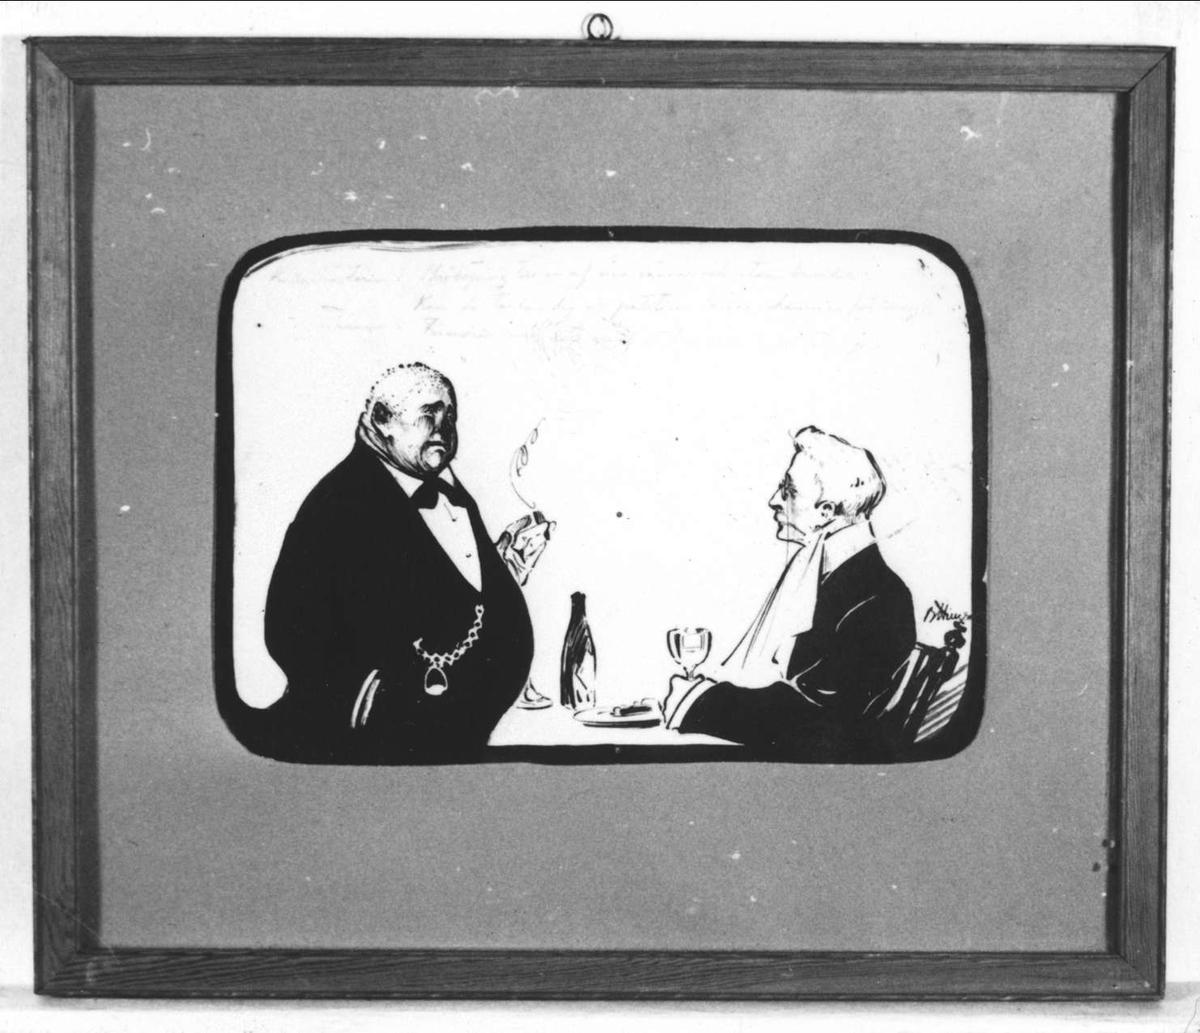 Två män samtalar med varandra, sannolikt på en restaurang. Den ene mannen sitter vid ett matbord.